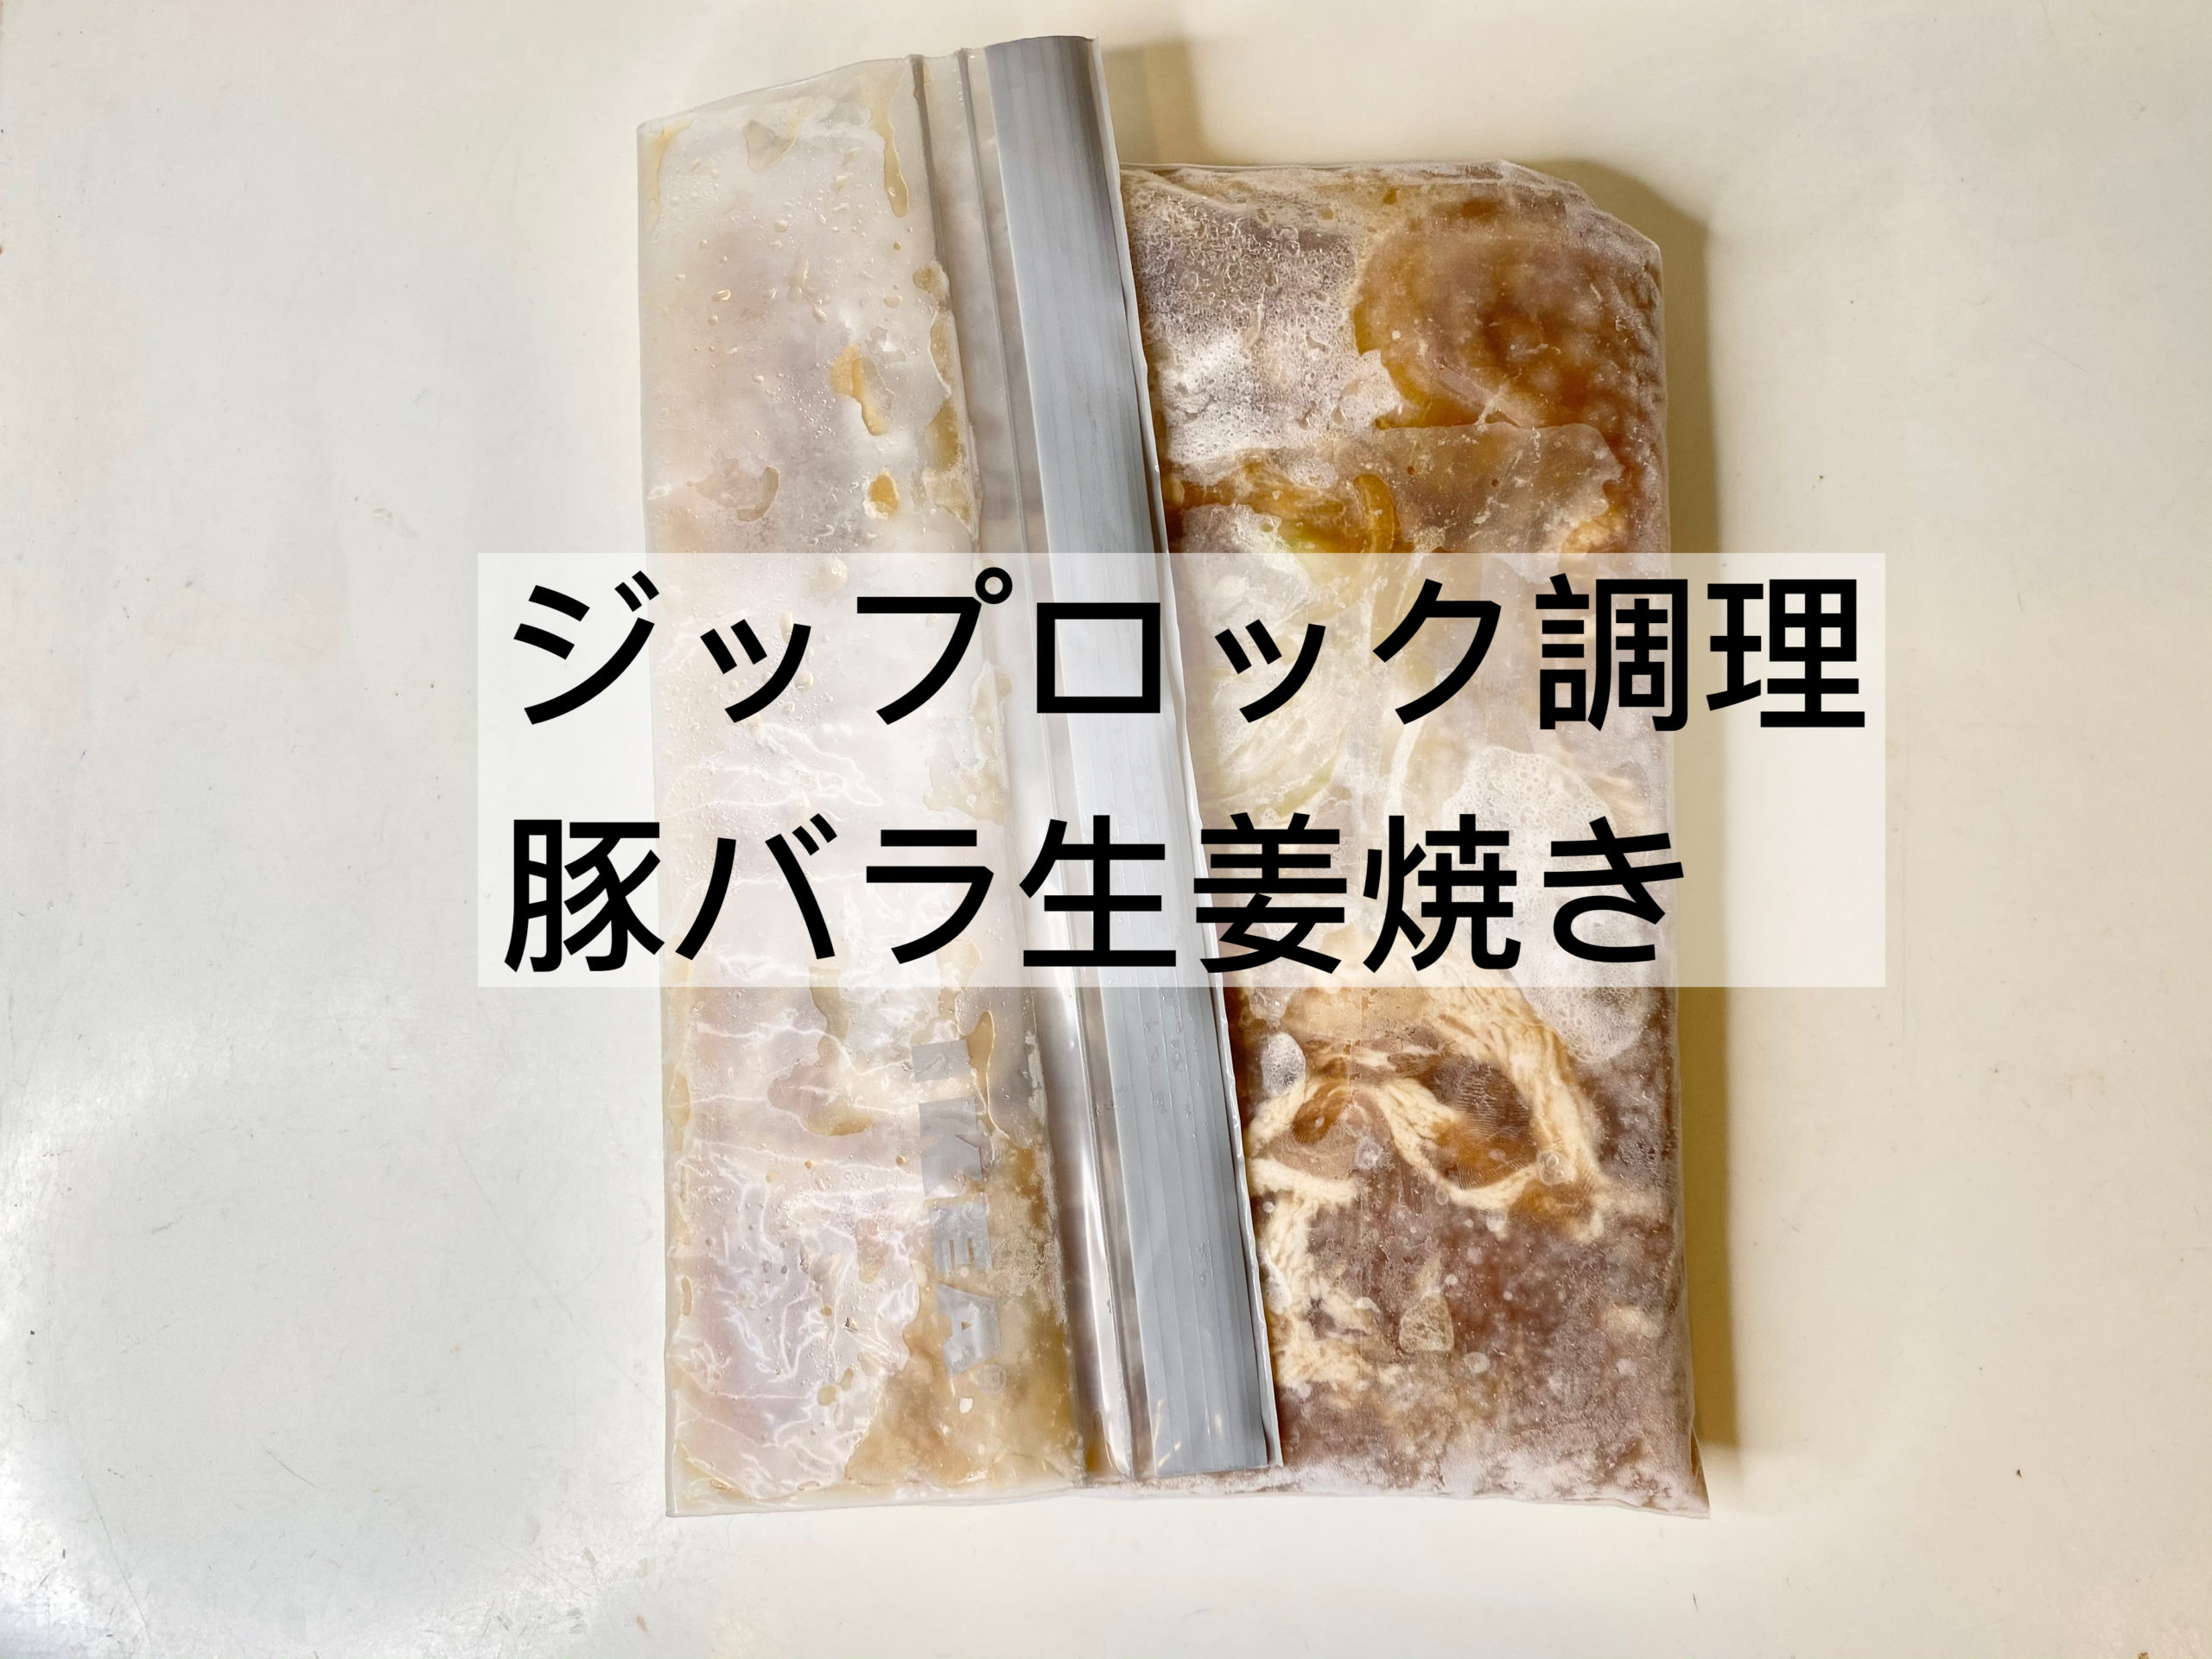 簡単ジップロック調理!「豚バラと玉ねぎの生姜焼き」のレシピ